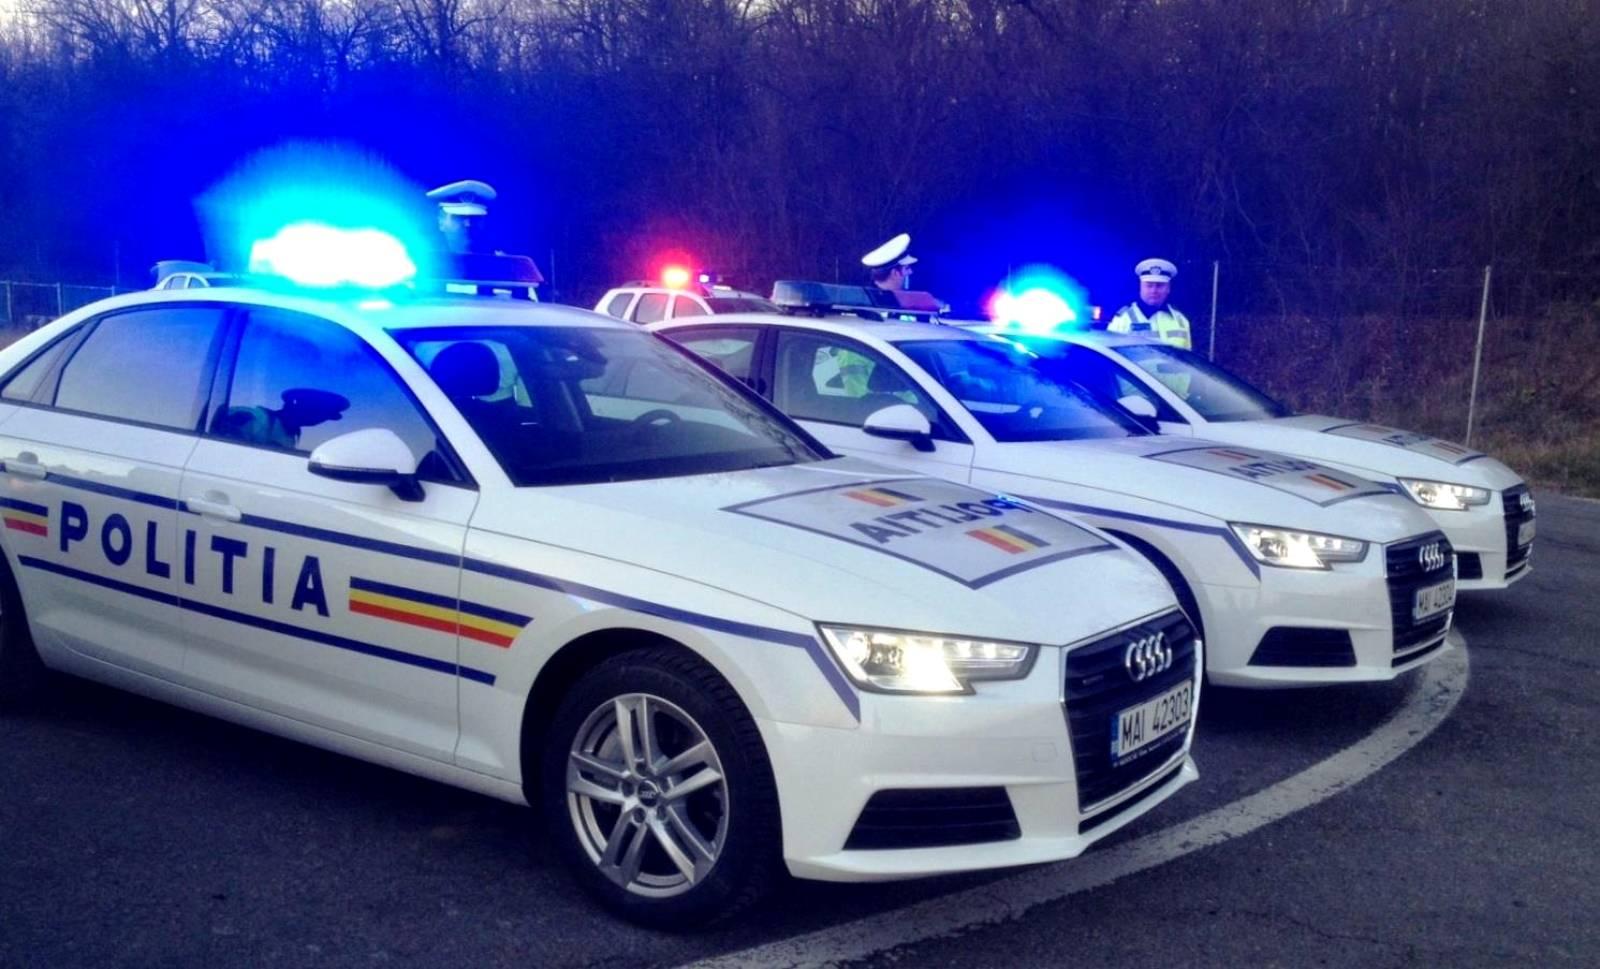 Politia Romana COVID-19